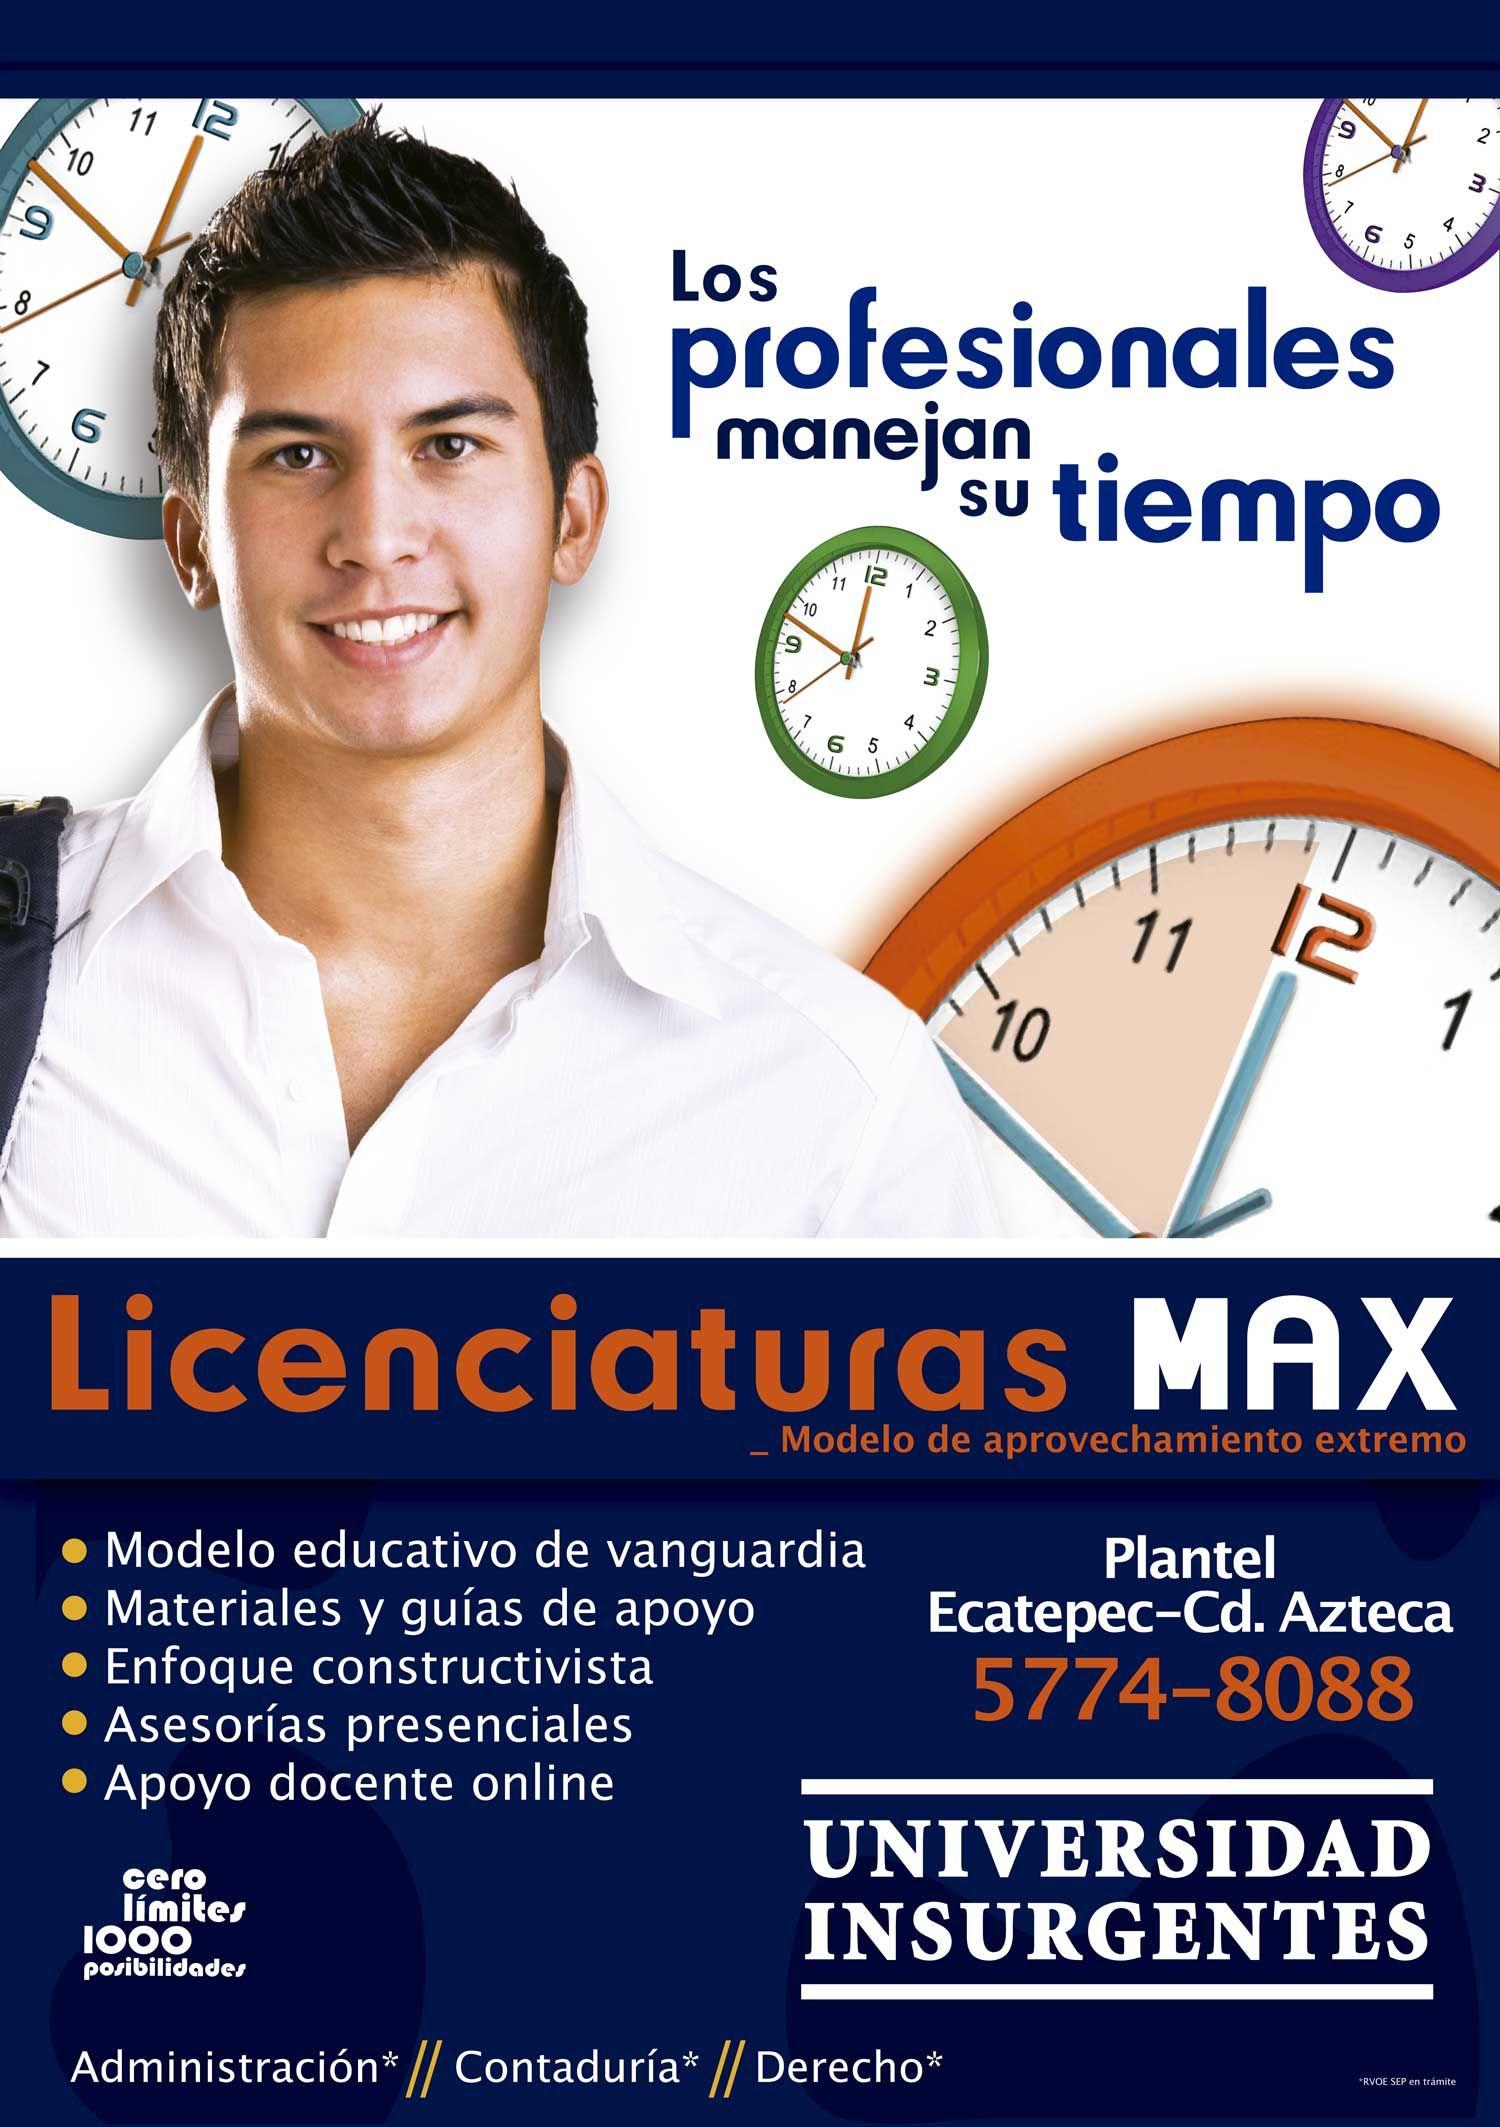 """#ComunidadUIN """"Nuevas licenciaturas #MAX Plantel Ciudad Azteca/Ecatepec."""